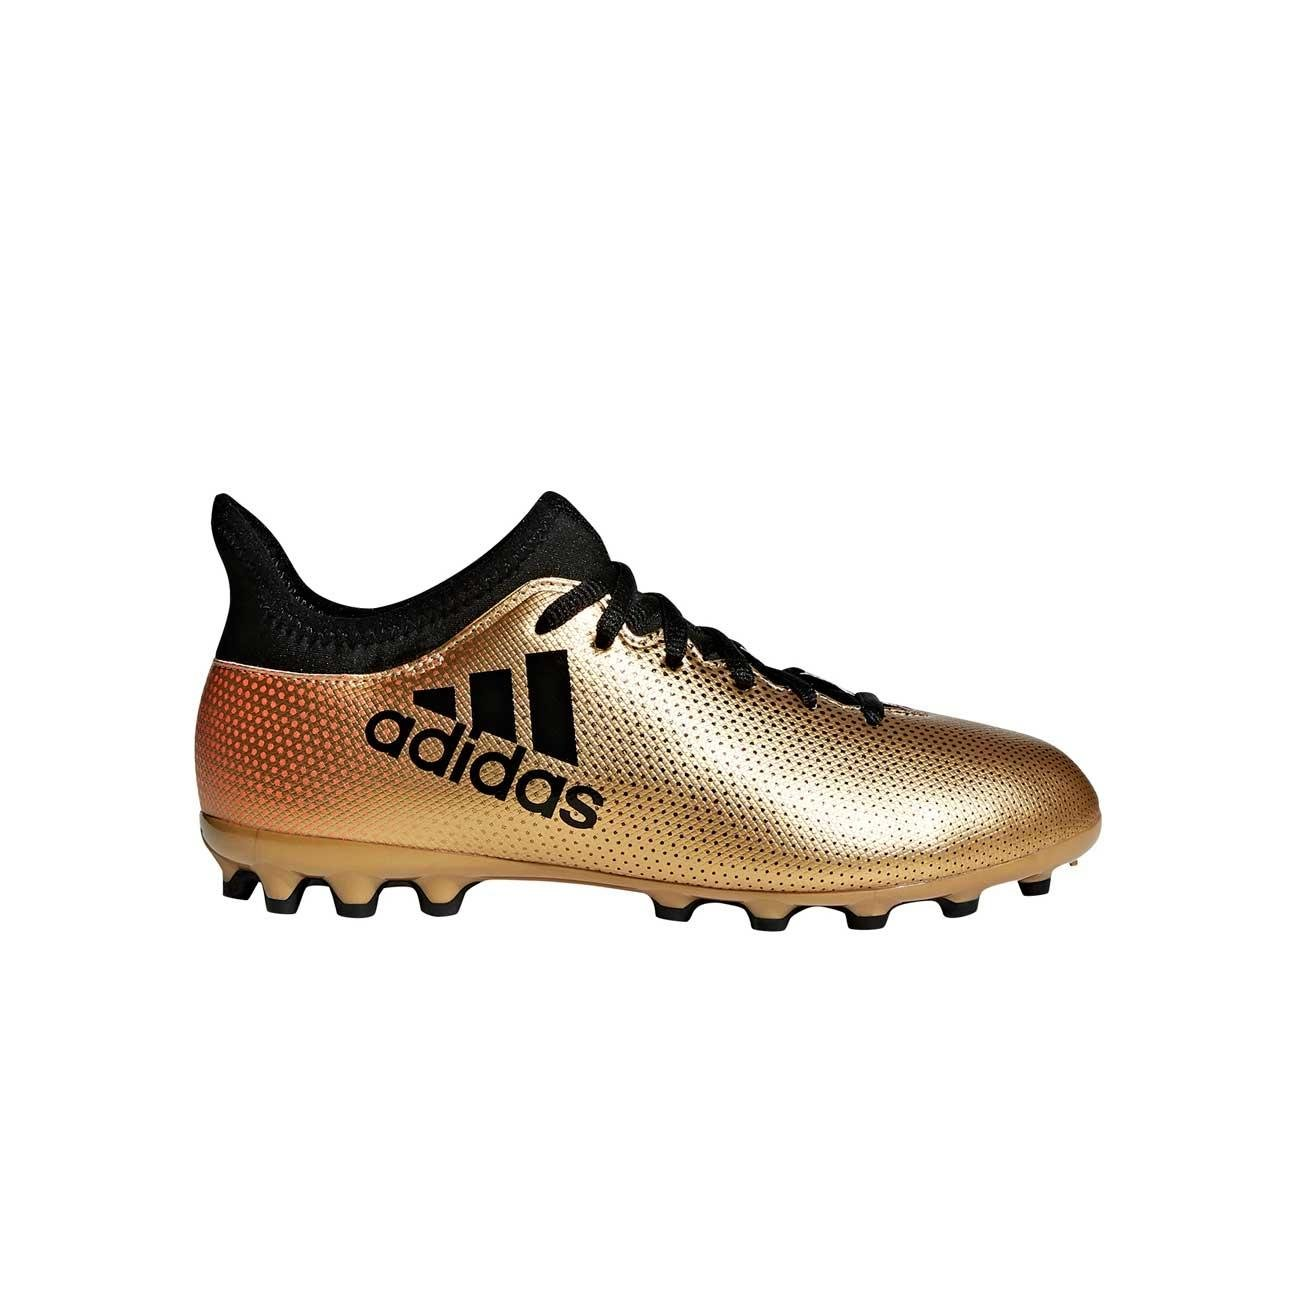 adidas X 17.3 AG J, Botas de fútbol Unisex niños: Amazon.es: Zapatos y complementos